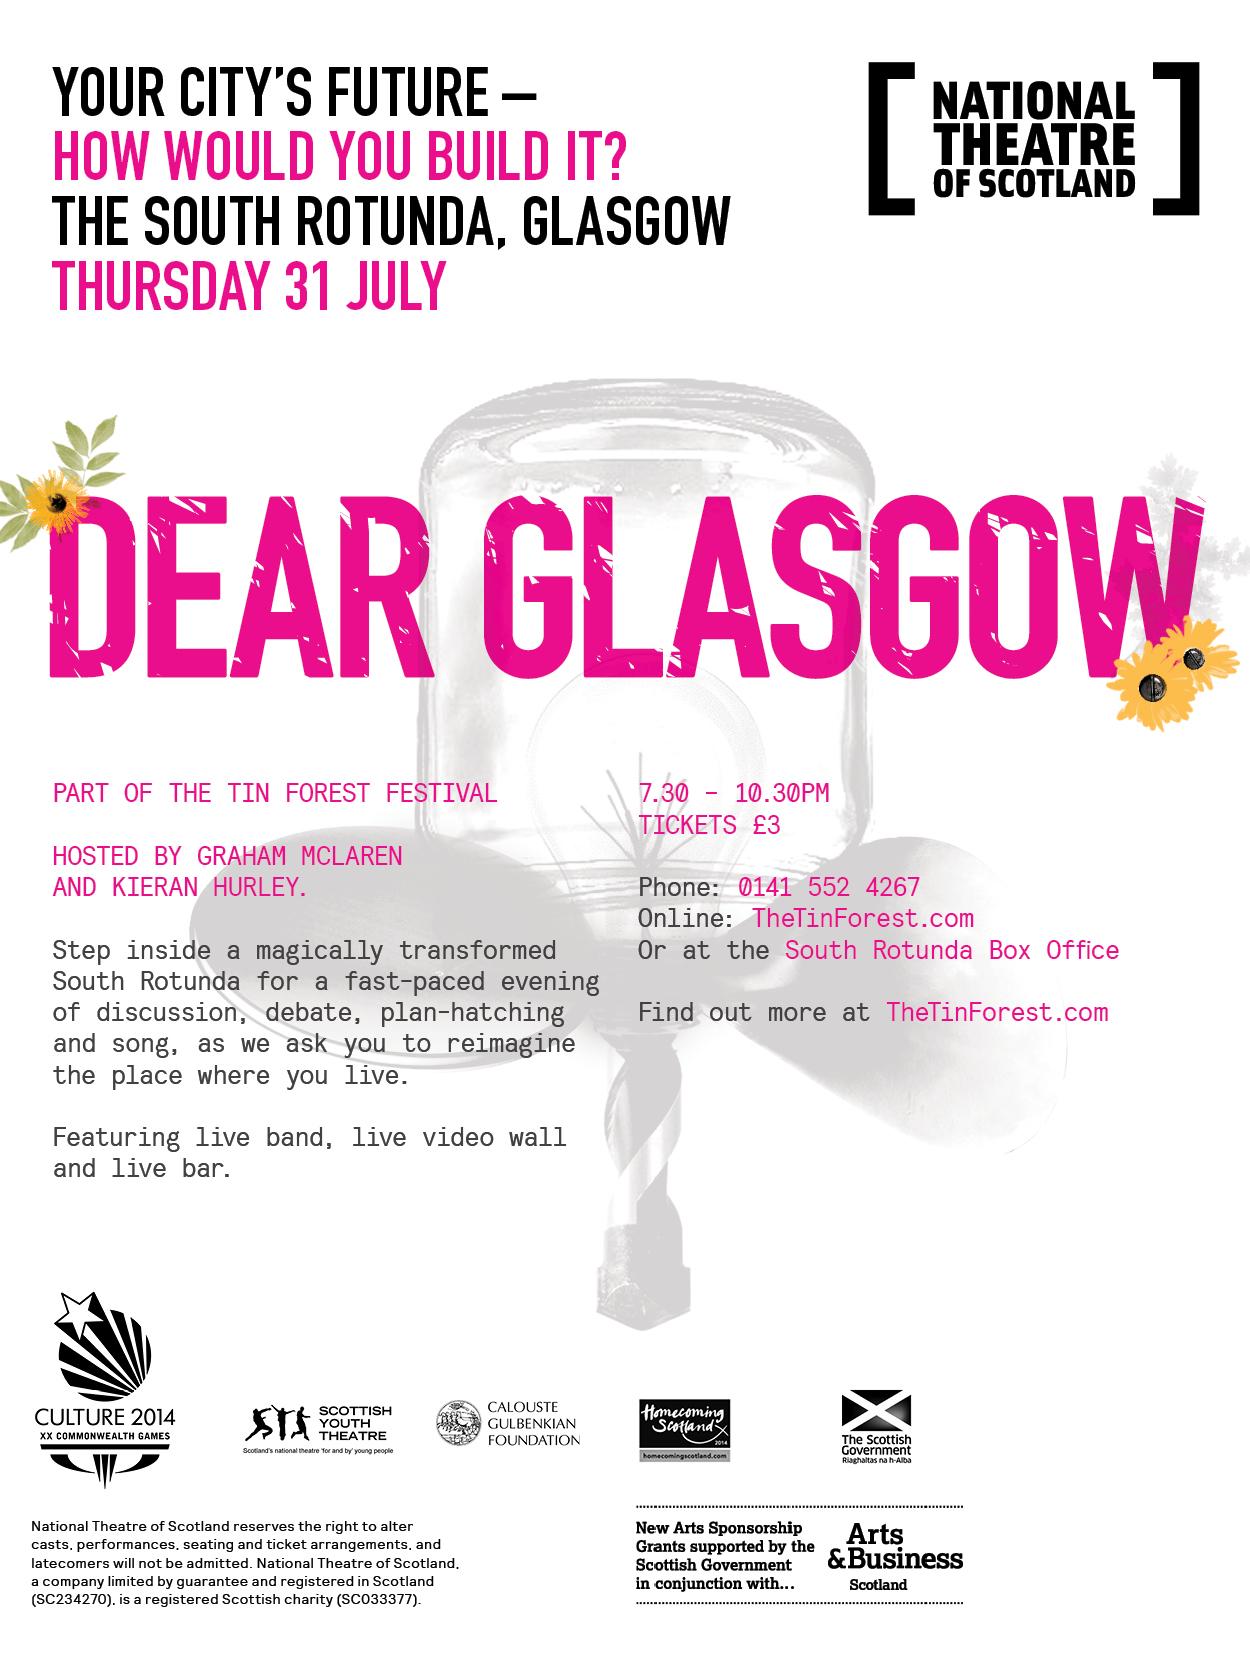 Dear Glasgow Web Flyer